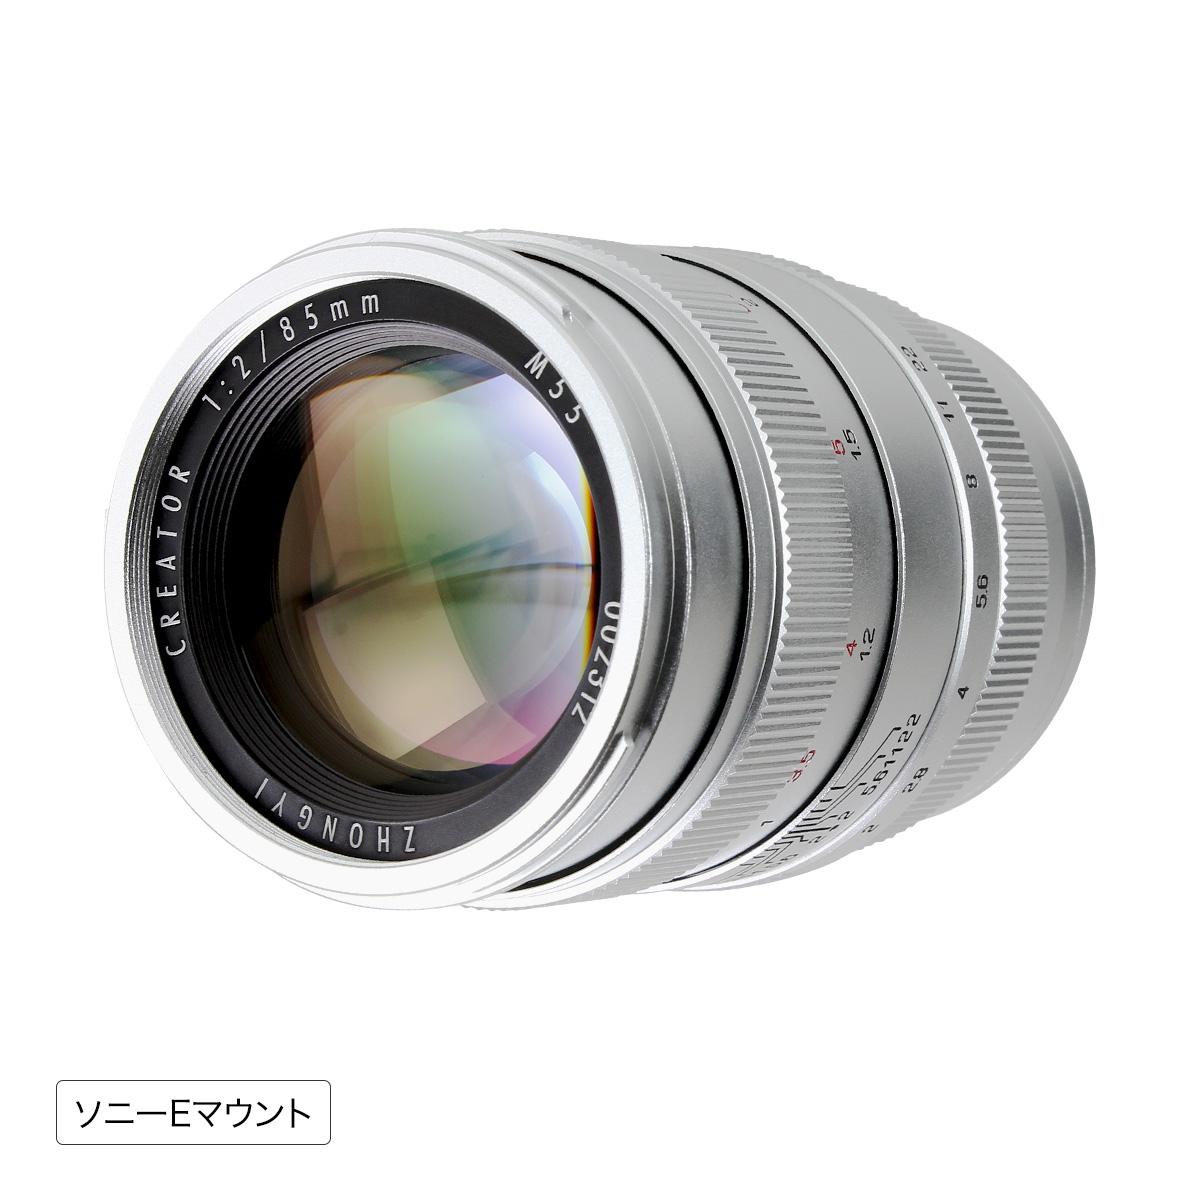 中一光学 CREATOR 85mm F2.0 単焦点レンズ シルバー